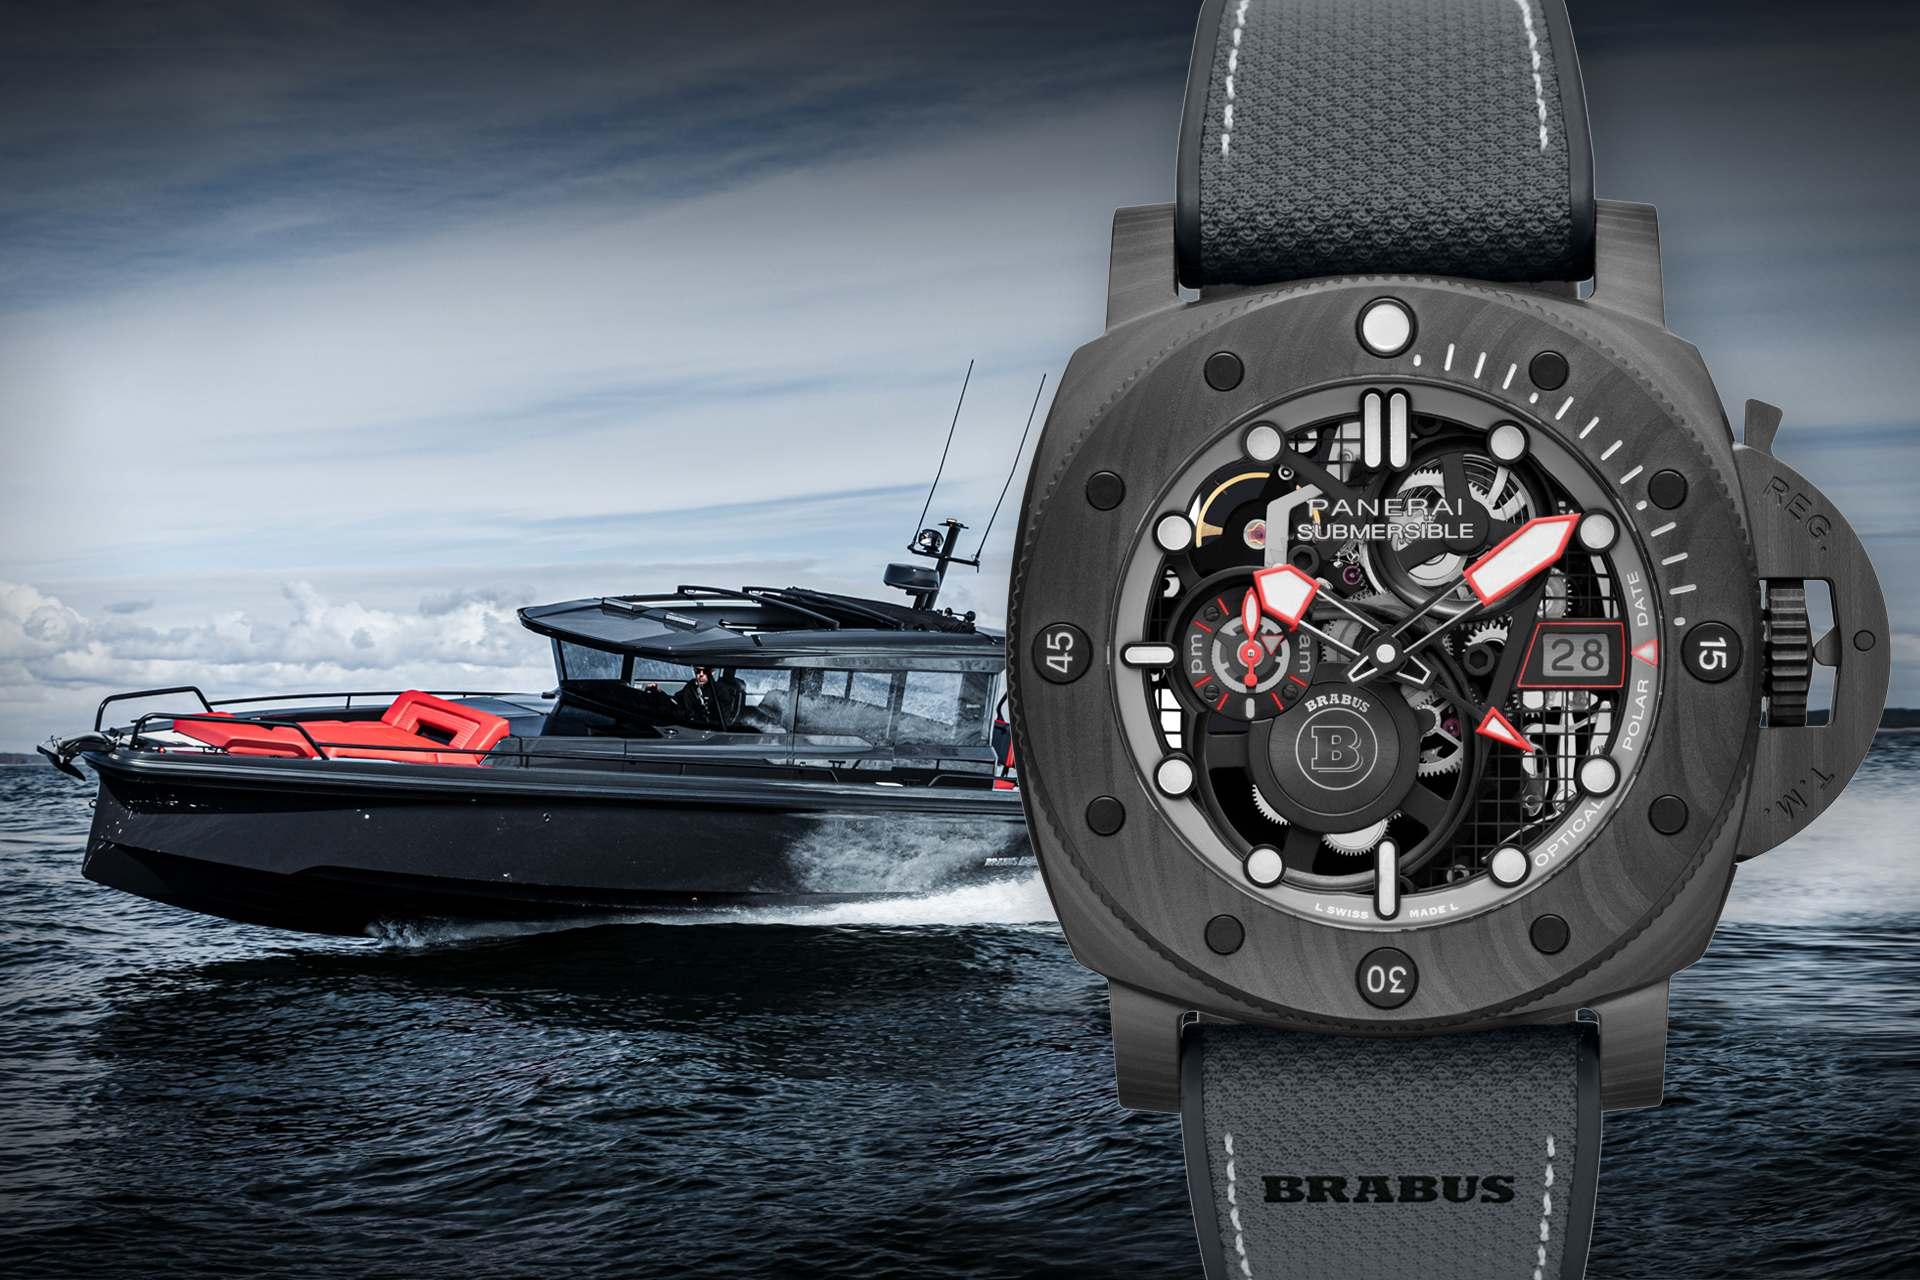 開啟大膽探索之旅:沛納海攜手BRABUS首推Submersible S BRABUS Black Ops專業潛水腕錶 (PAM01240)